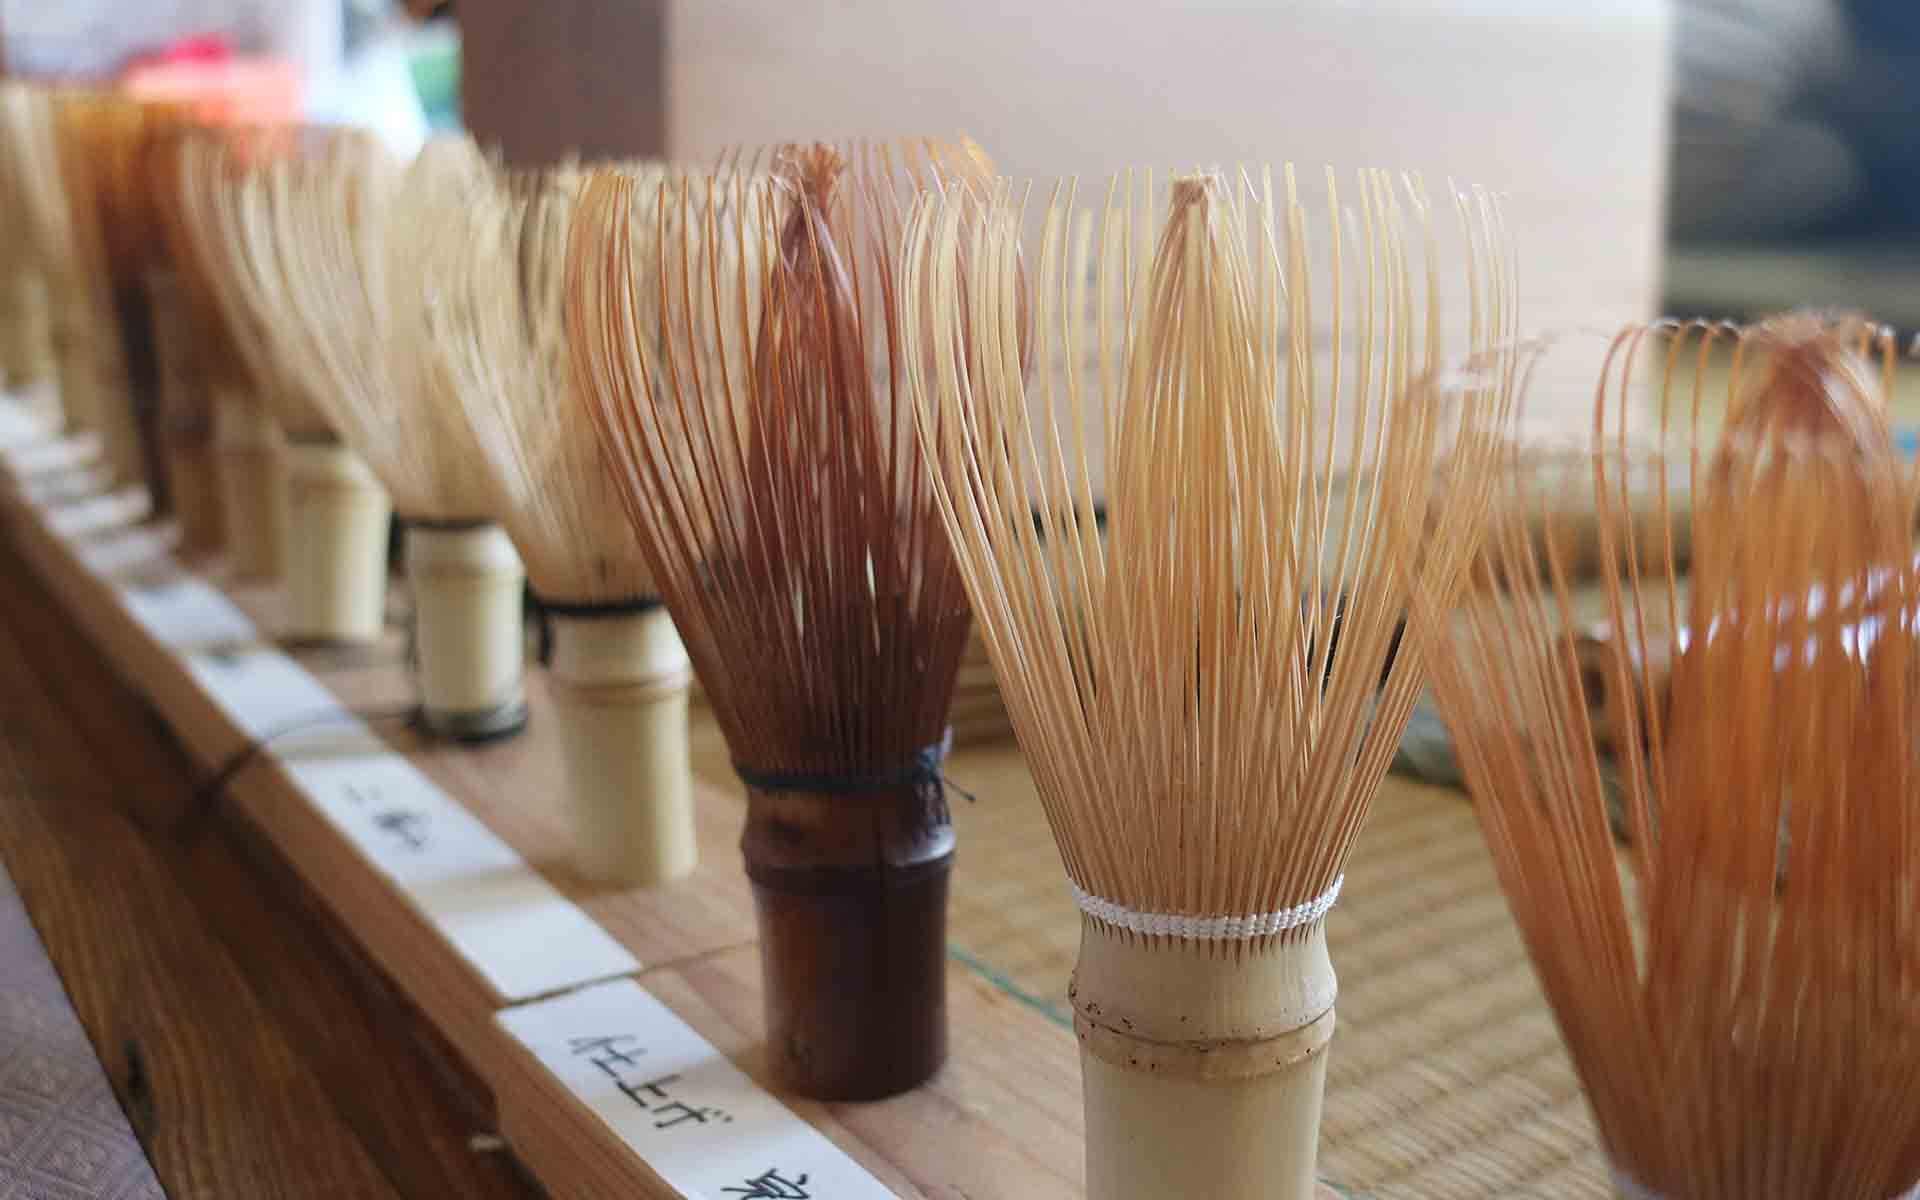 谷村さんお手製の茶筅作りの工程模型